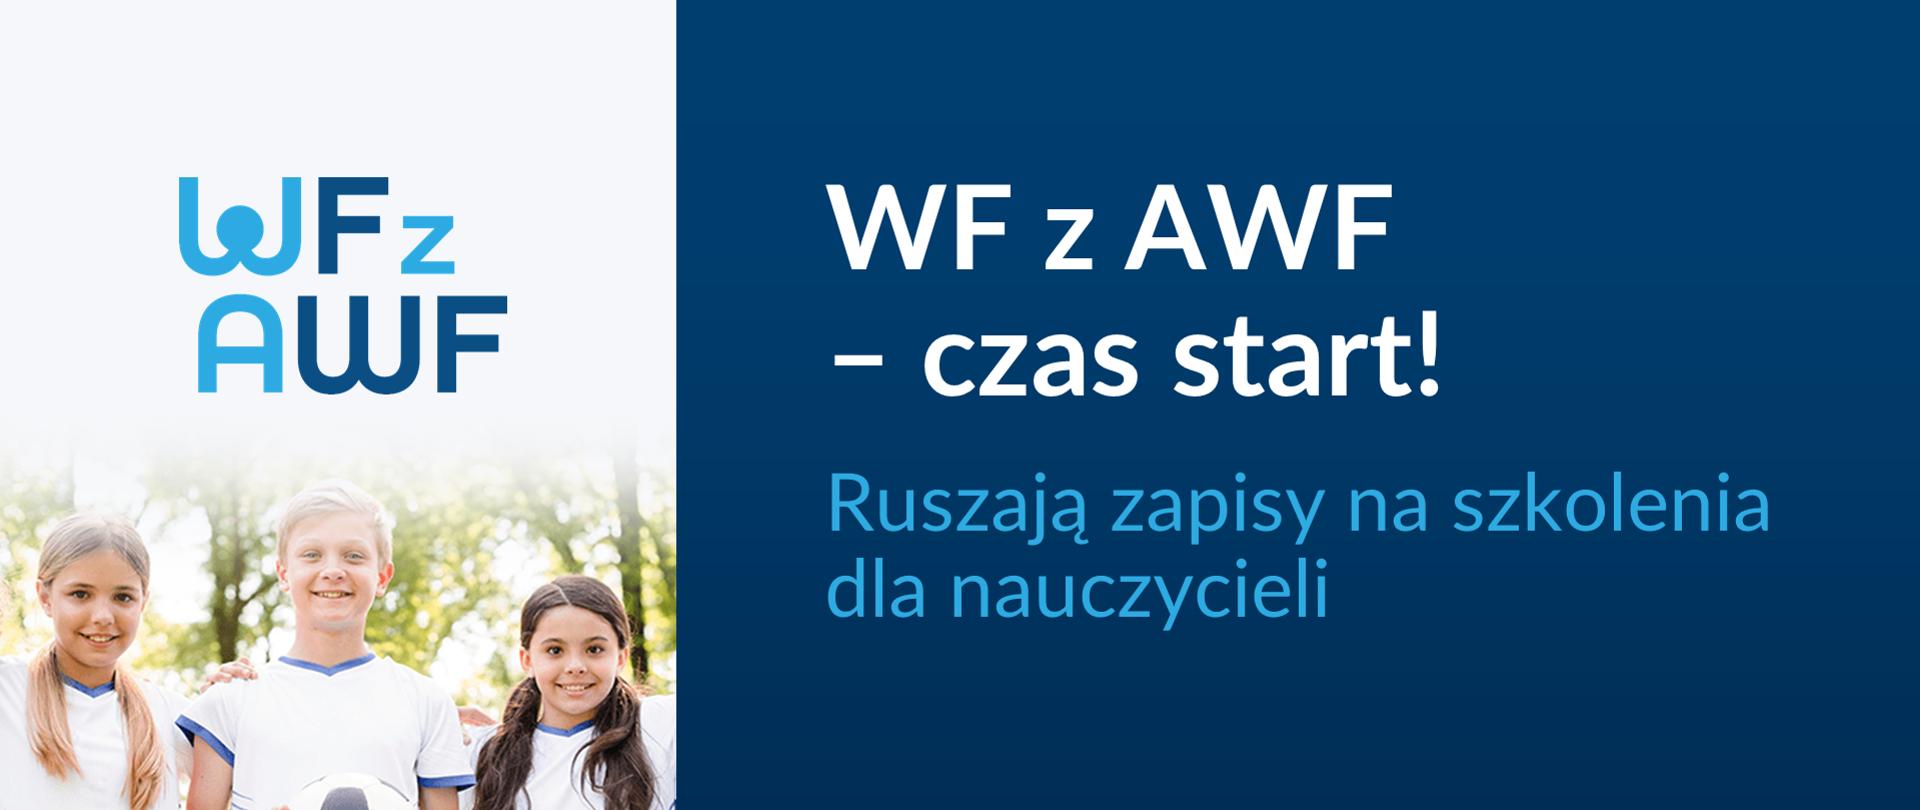 """Grafika z tekstem: """"WF z AWF – czas start! Ruszają zapisy na szkolenia dla nauczycieli"""""""